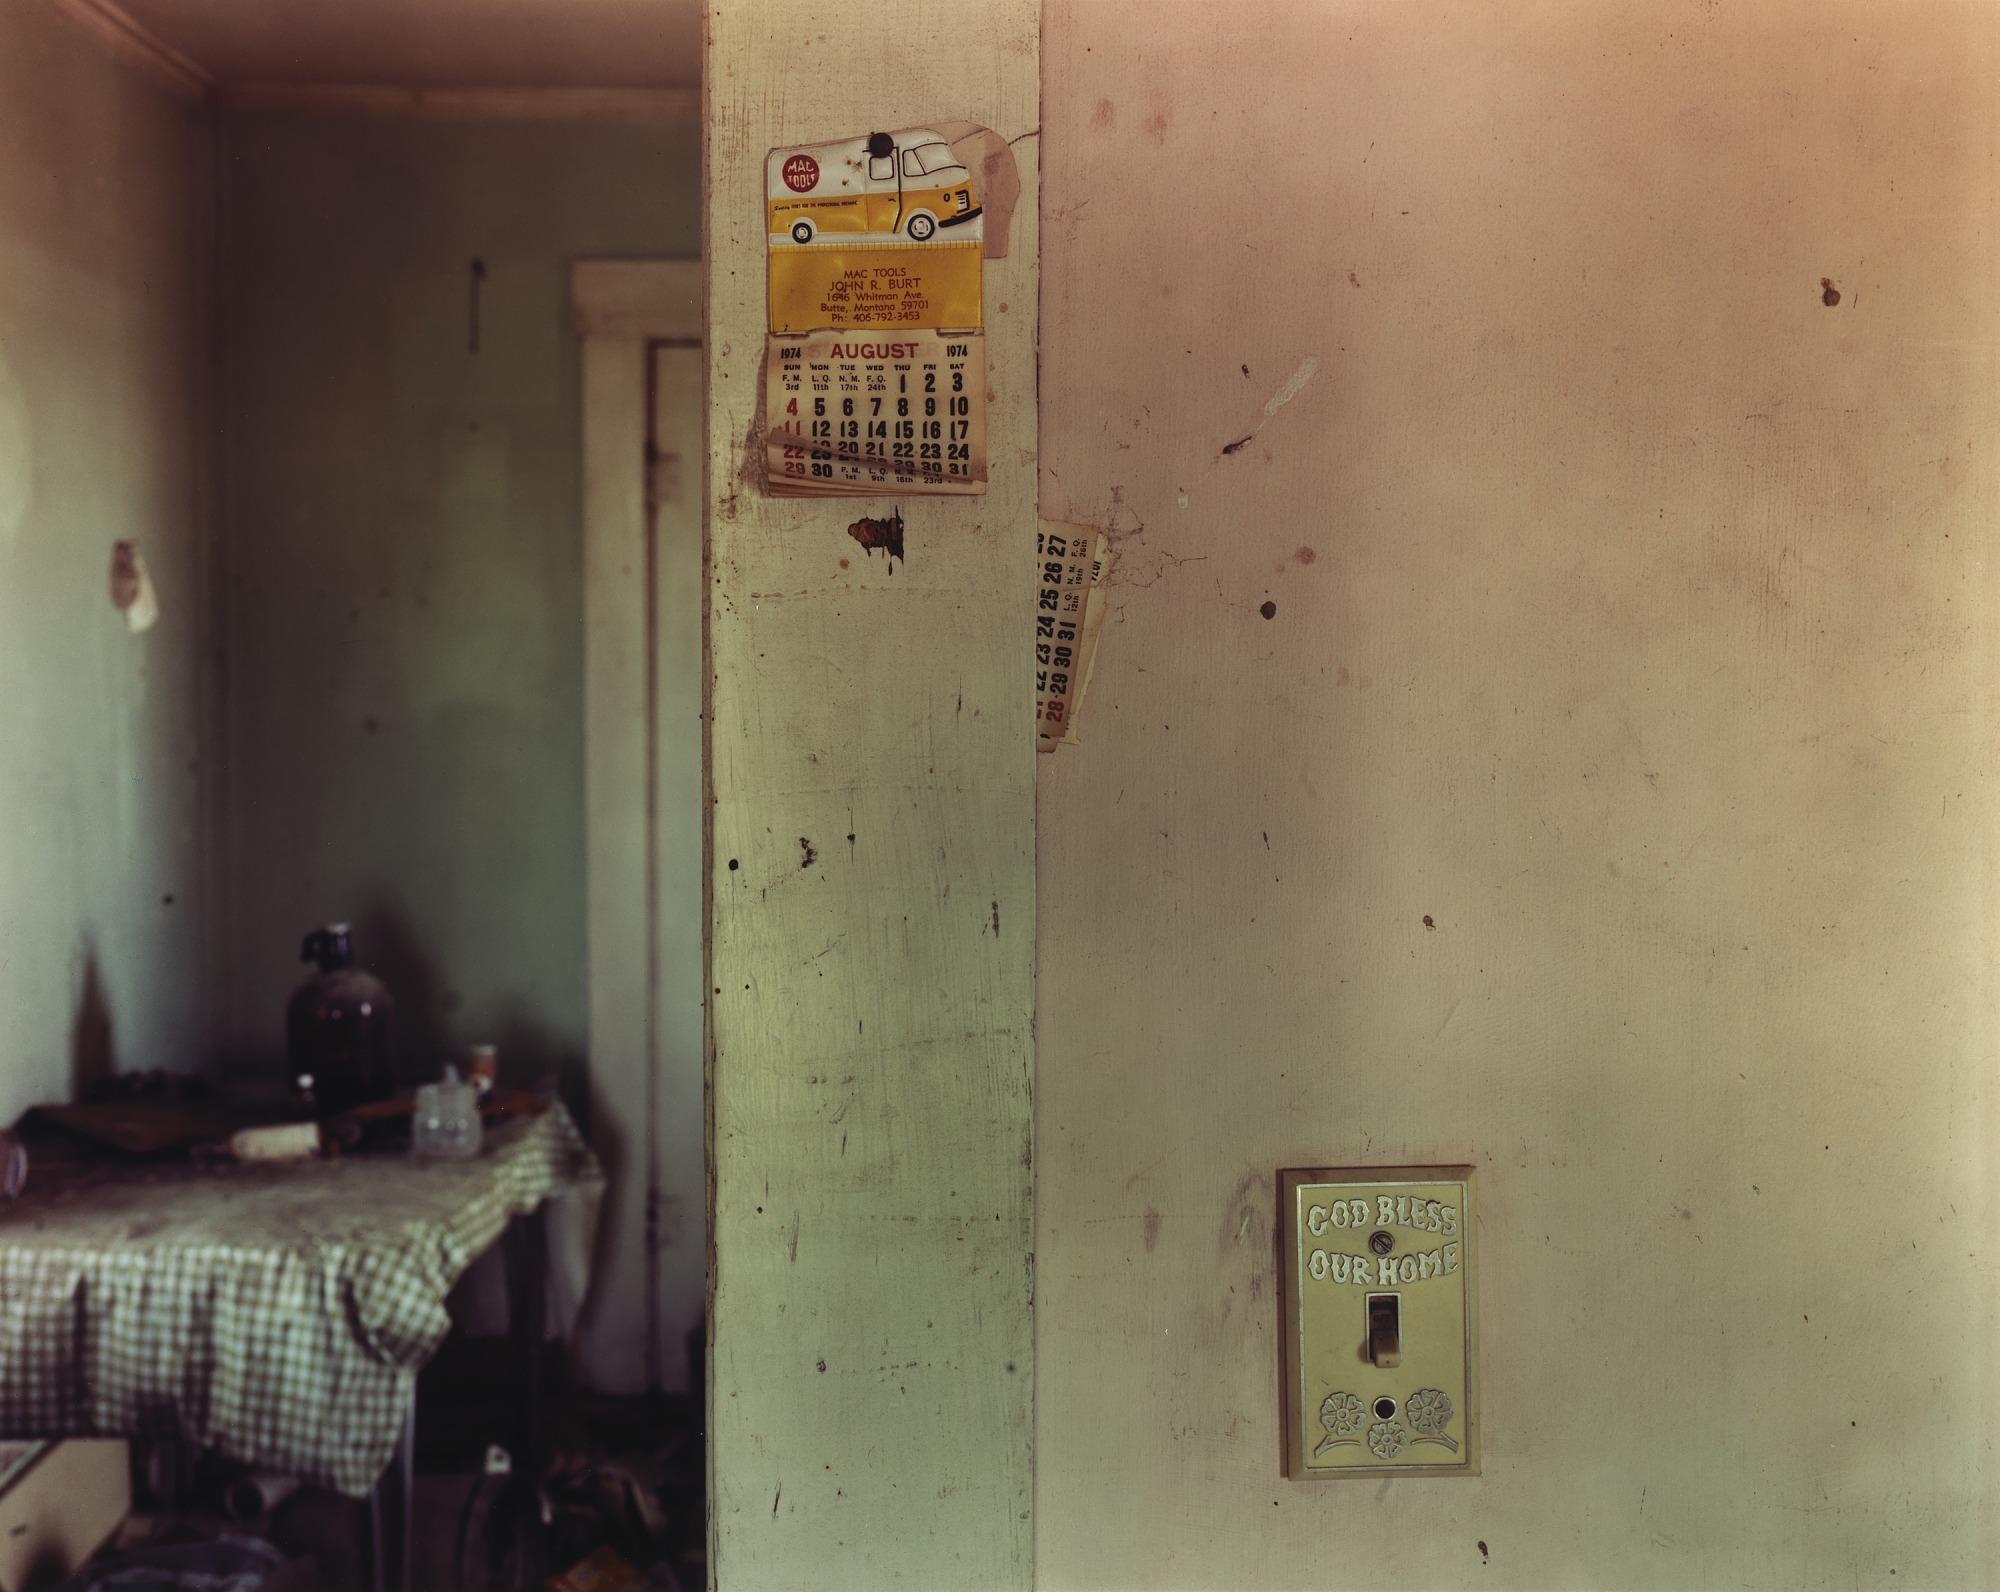 images for Calendar left on the living room wall in Ingomar, eastern Montana, June 22, 1998